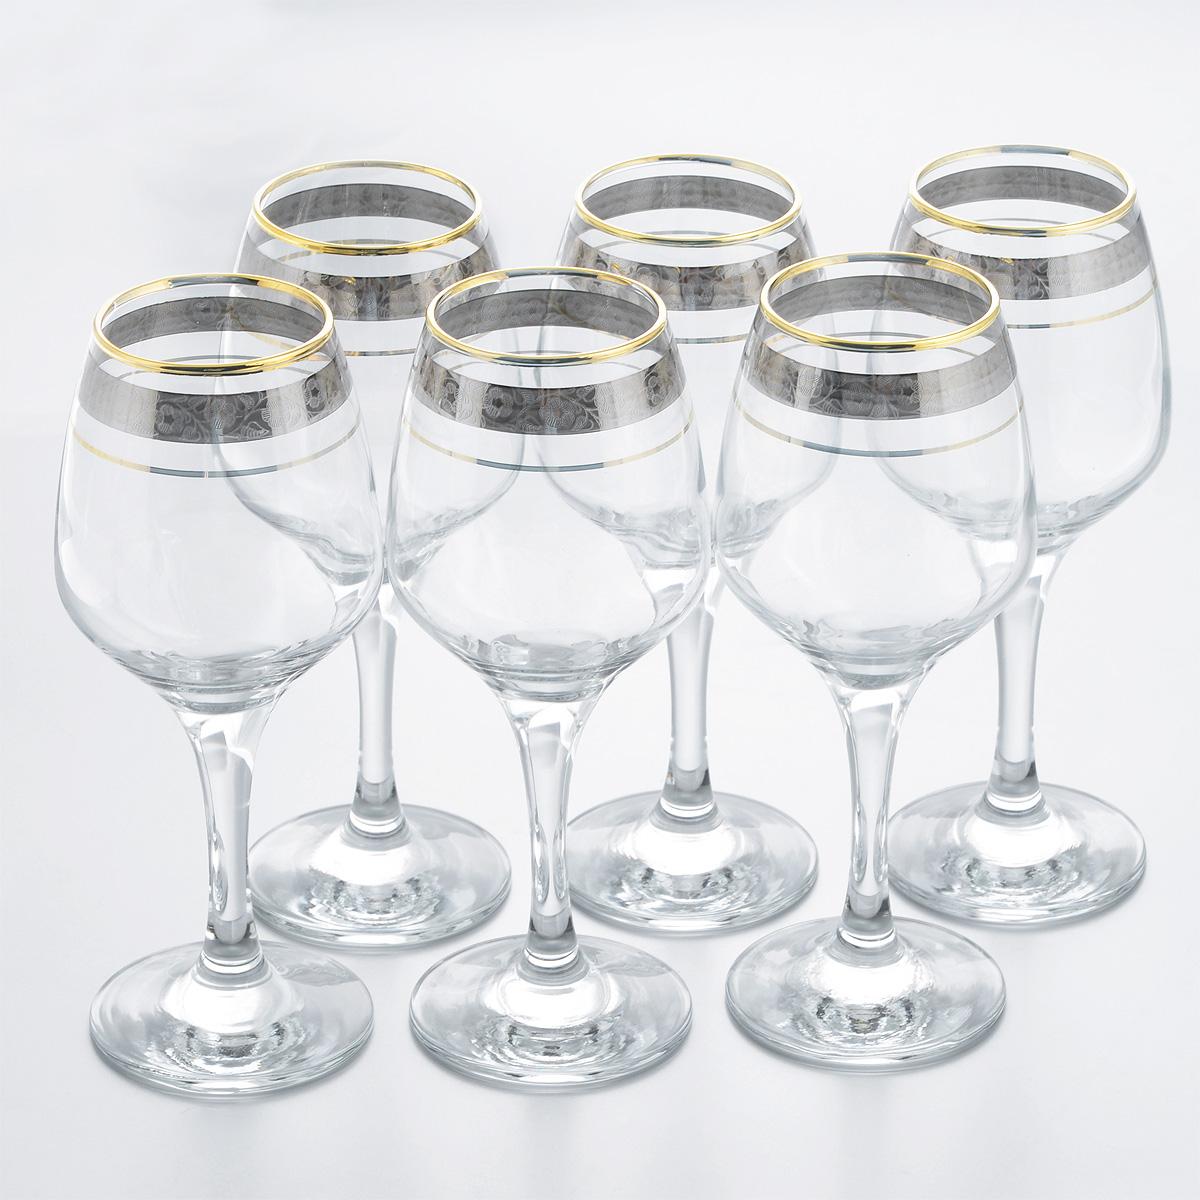 Набор фужеров Гусь Хрустальный Изабелла. Флорис, 375 мл, 6 штTL32-4171Набор Гусь Хрустальный Изабелла. Флорис состоит из шести фужеров, выполненных из прочного натрий-кальций-силикатного стекла и предназначенных для подачи игристых вин. Изящные фужеры на высоких ножках, декорированные золотистым орнаментом и окантовкой, излучают приятный блеск и издают мелодичный звон. Сочетают в себе элегантный дизайн и функциональность. Набор фужеров Гусь Хрустальный Изабелла. Флорис прекрасно оформит праздничный стол и создаст приятную атмосферу за романтическим ужином. Такой набор также станет хорошим подарком к любому случаю. Можно мыть в посудомоечной машине или вручную с использованием моющих средств, не содержащих абразивных материалов. Диаметр фужера (по верхнему краю): 6 см. Высота фужера: 20 см. Диаметр основания фужера: 7,5 см.